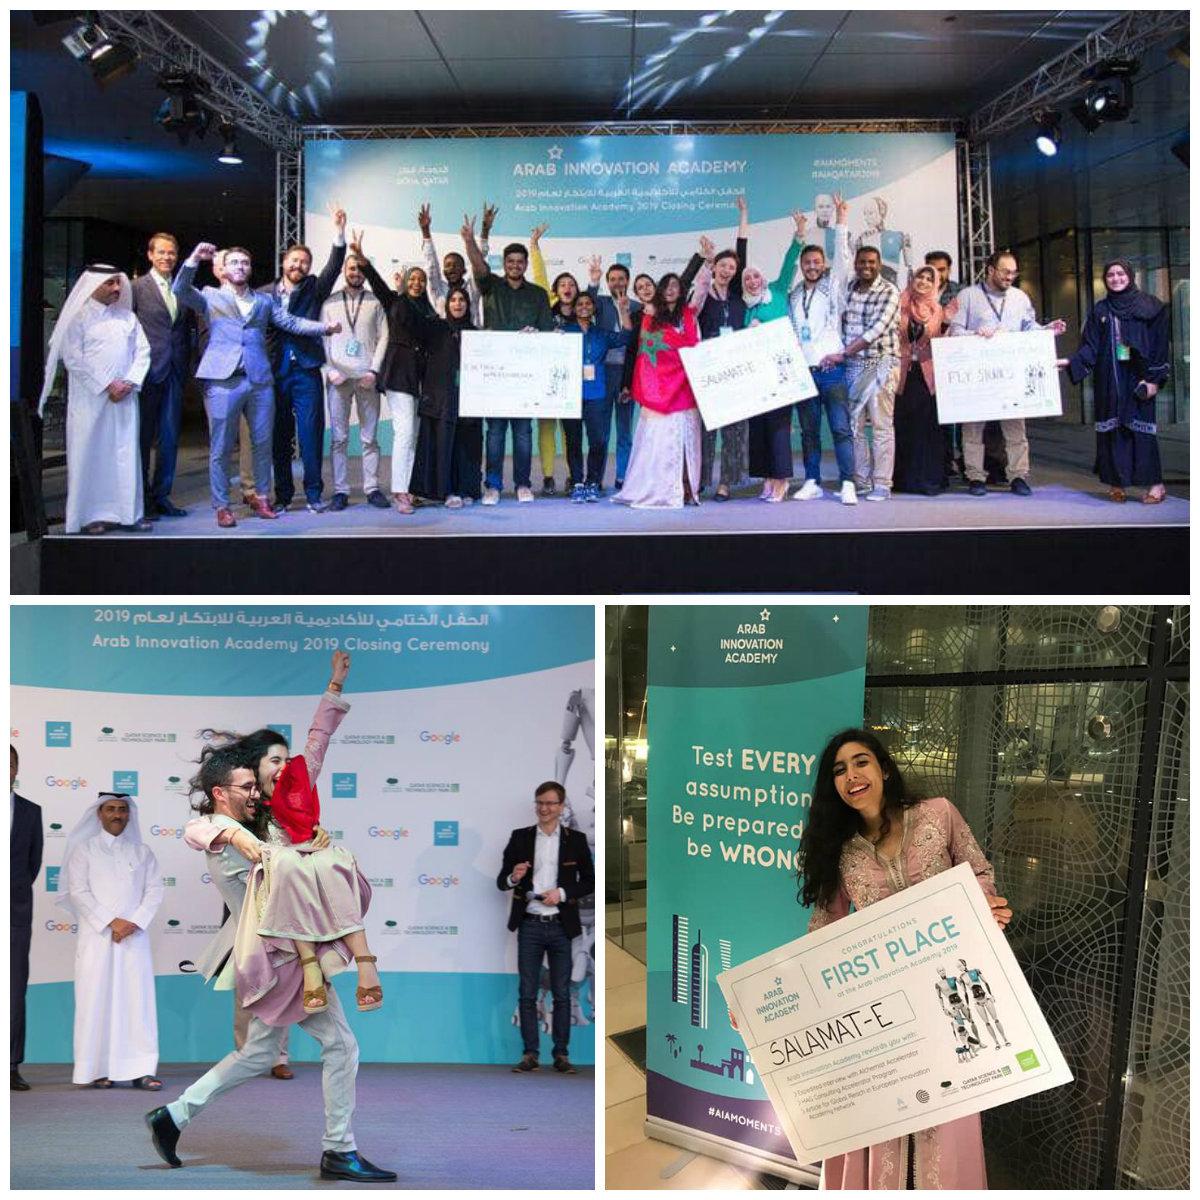 Qui est Chaimae El Mahdaoui, l'étudiante marocaine primée à Doha par l'Arab Innovation